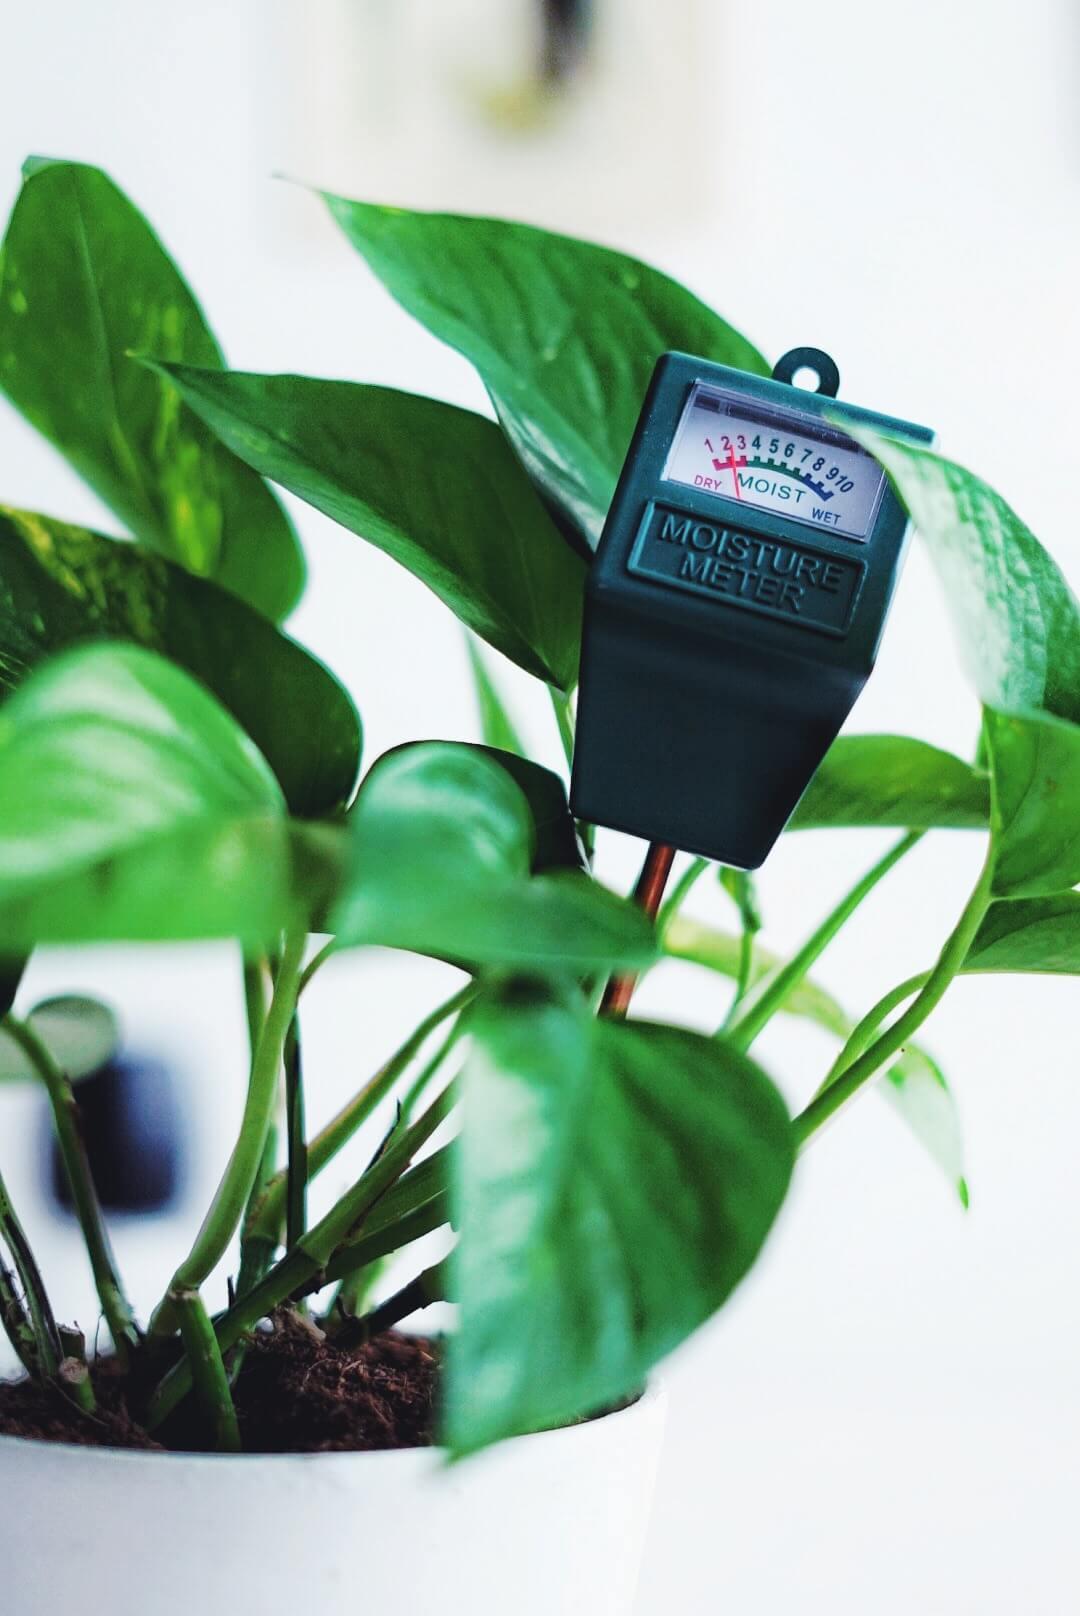 Använda fuktmätare på krukväxter.